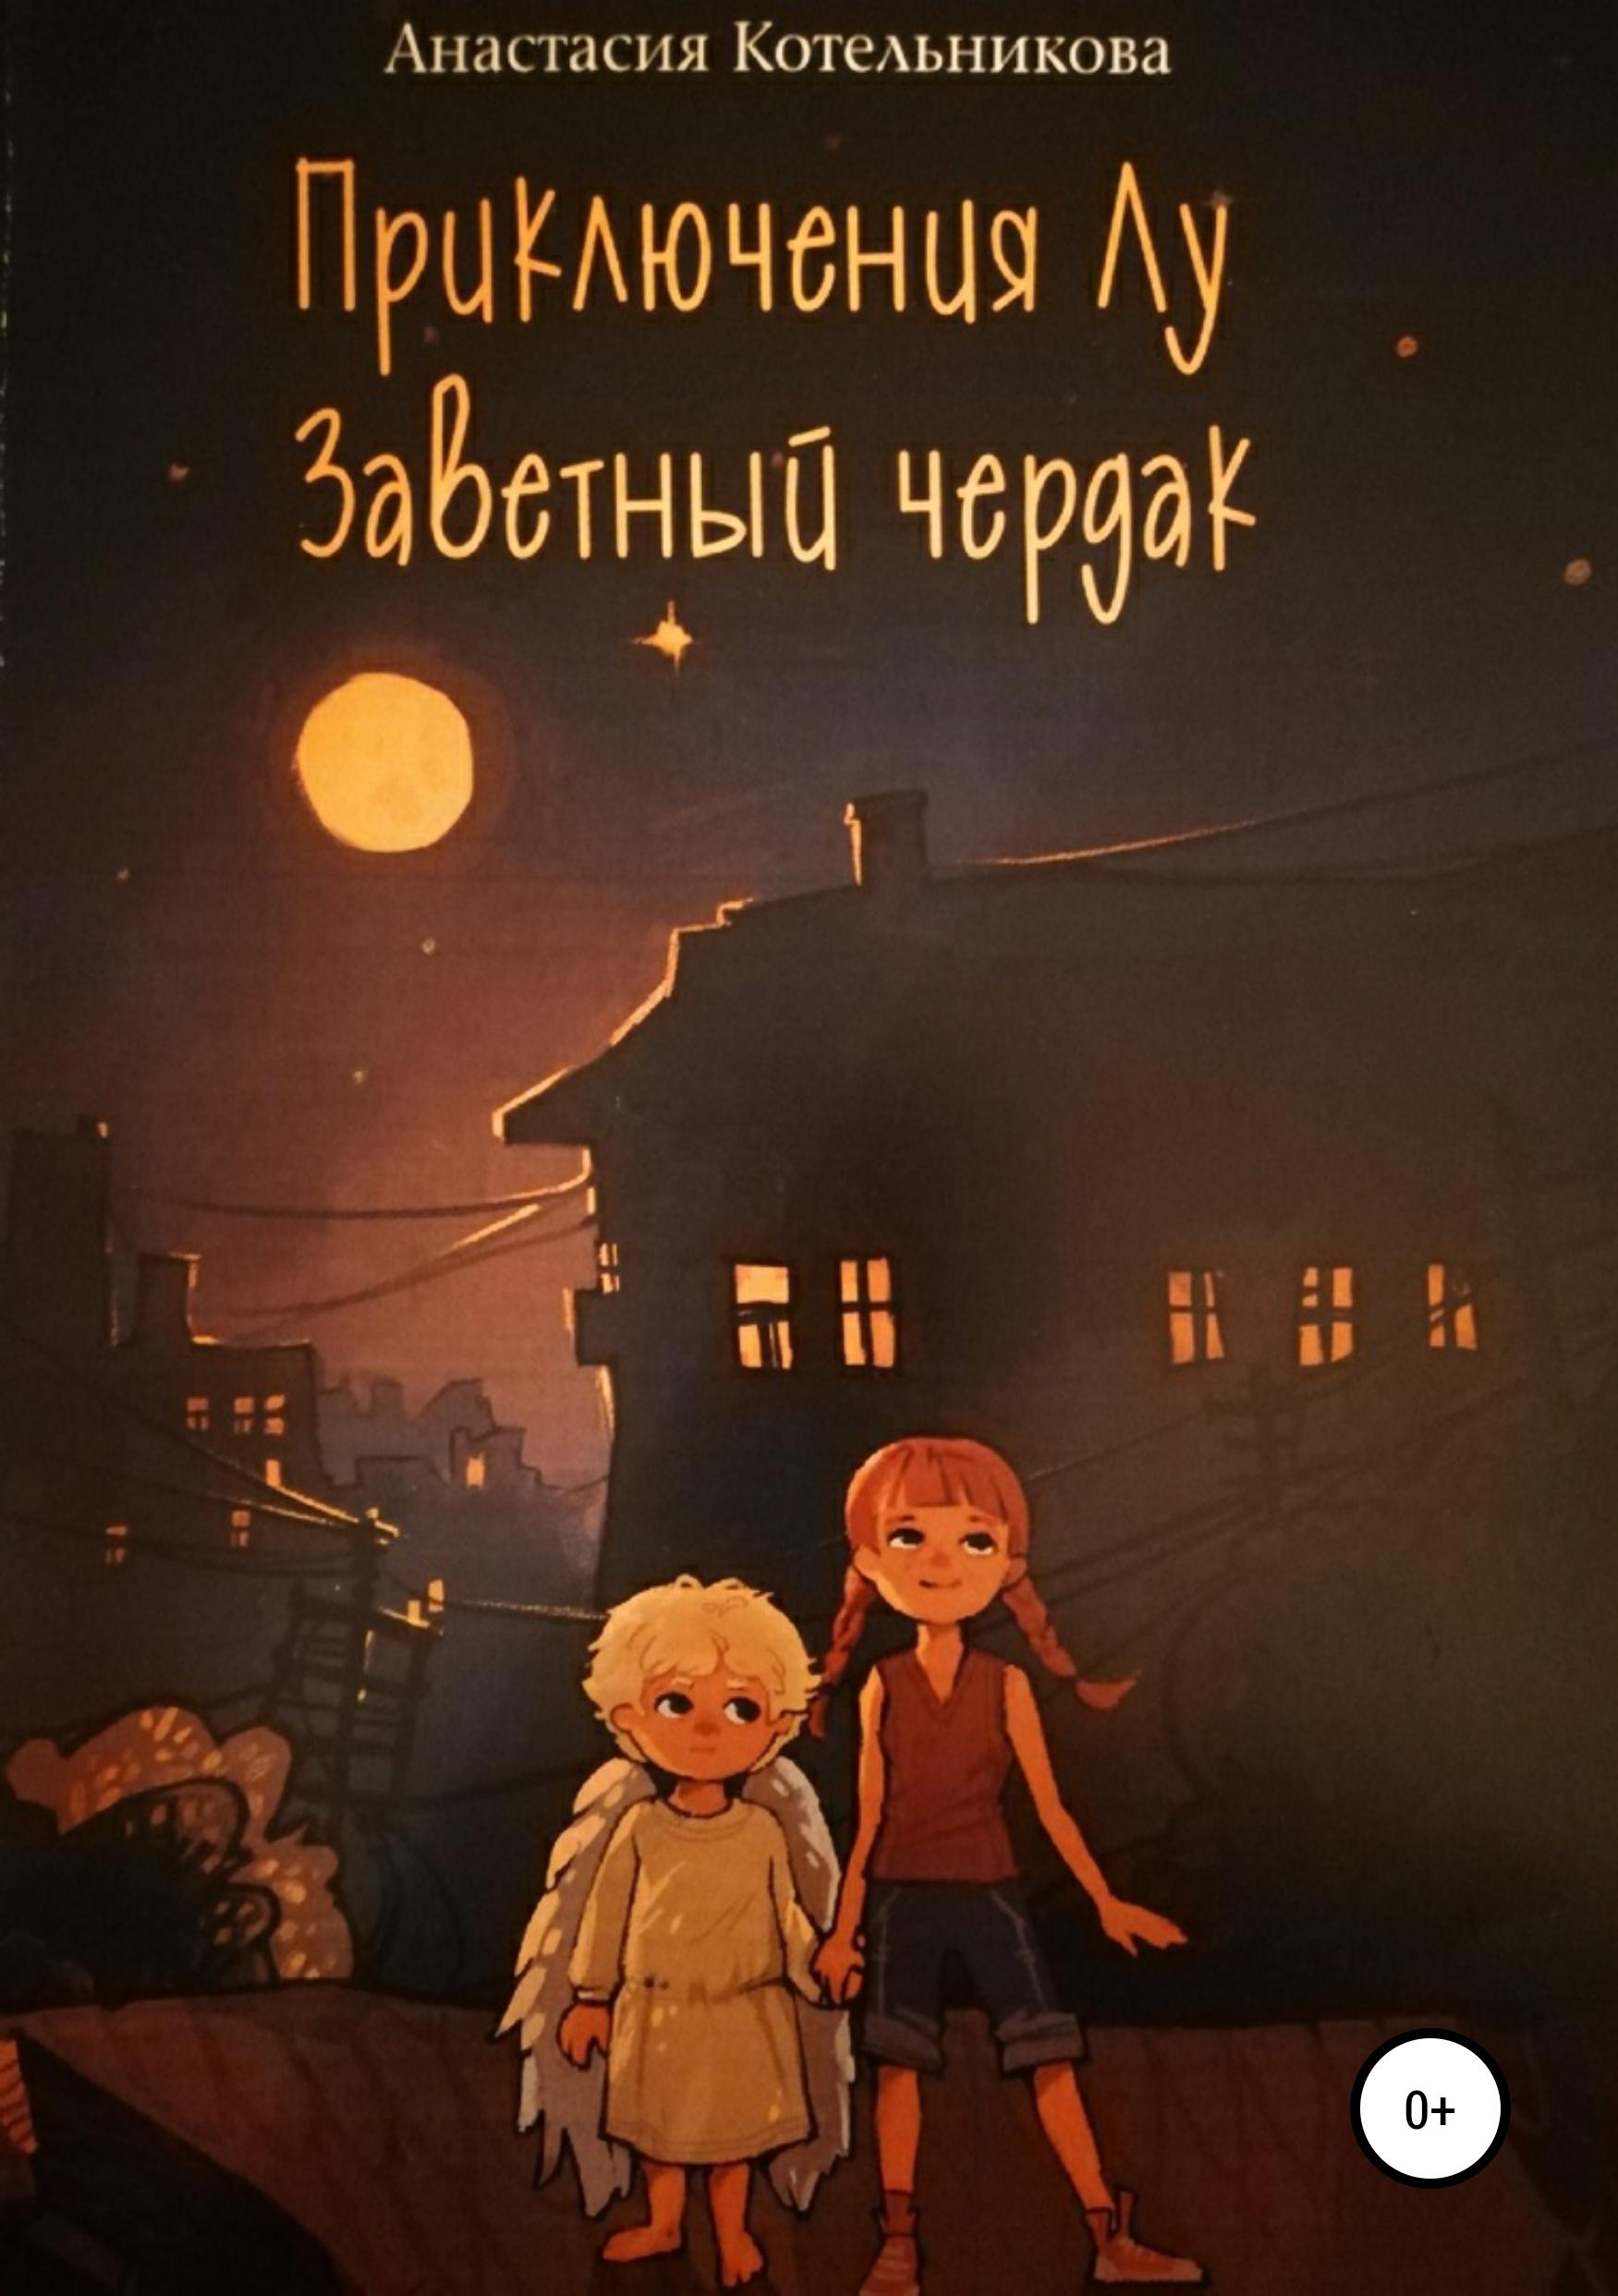 Купить книгу Приключения Лу. Заветный чердак, автора Анастасии Котельниковой